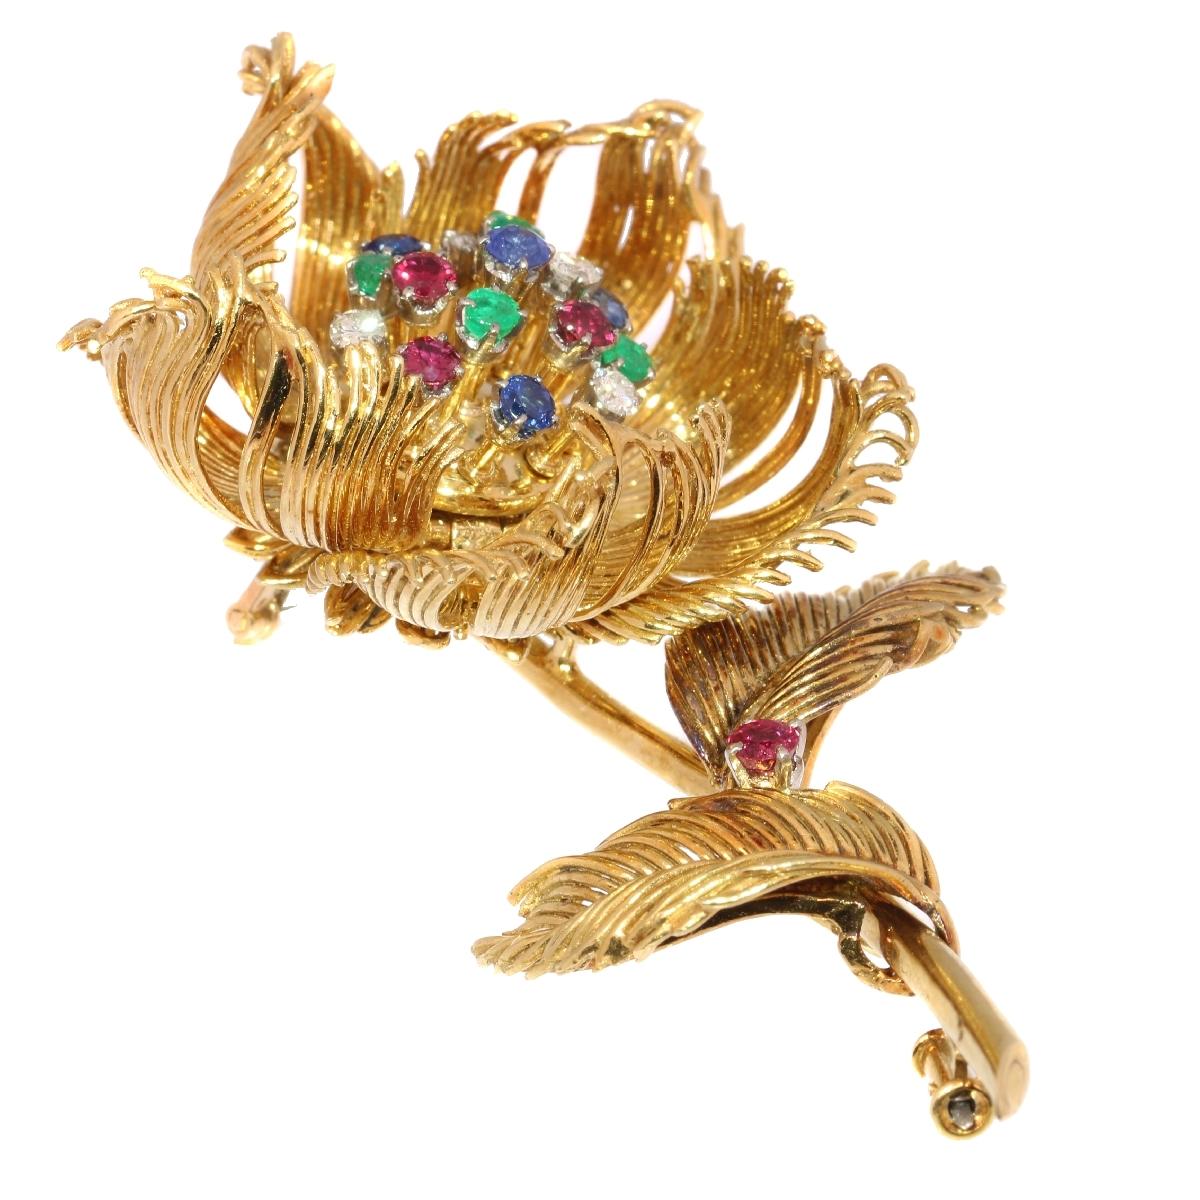 Cartier, broche, 1950-1959, geopend, voorzijde. Foto Adin, goud, diamanten, saffieren, robijnen